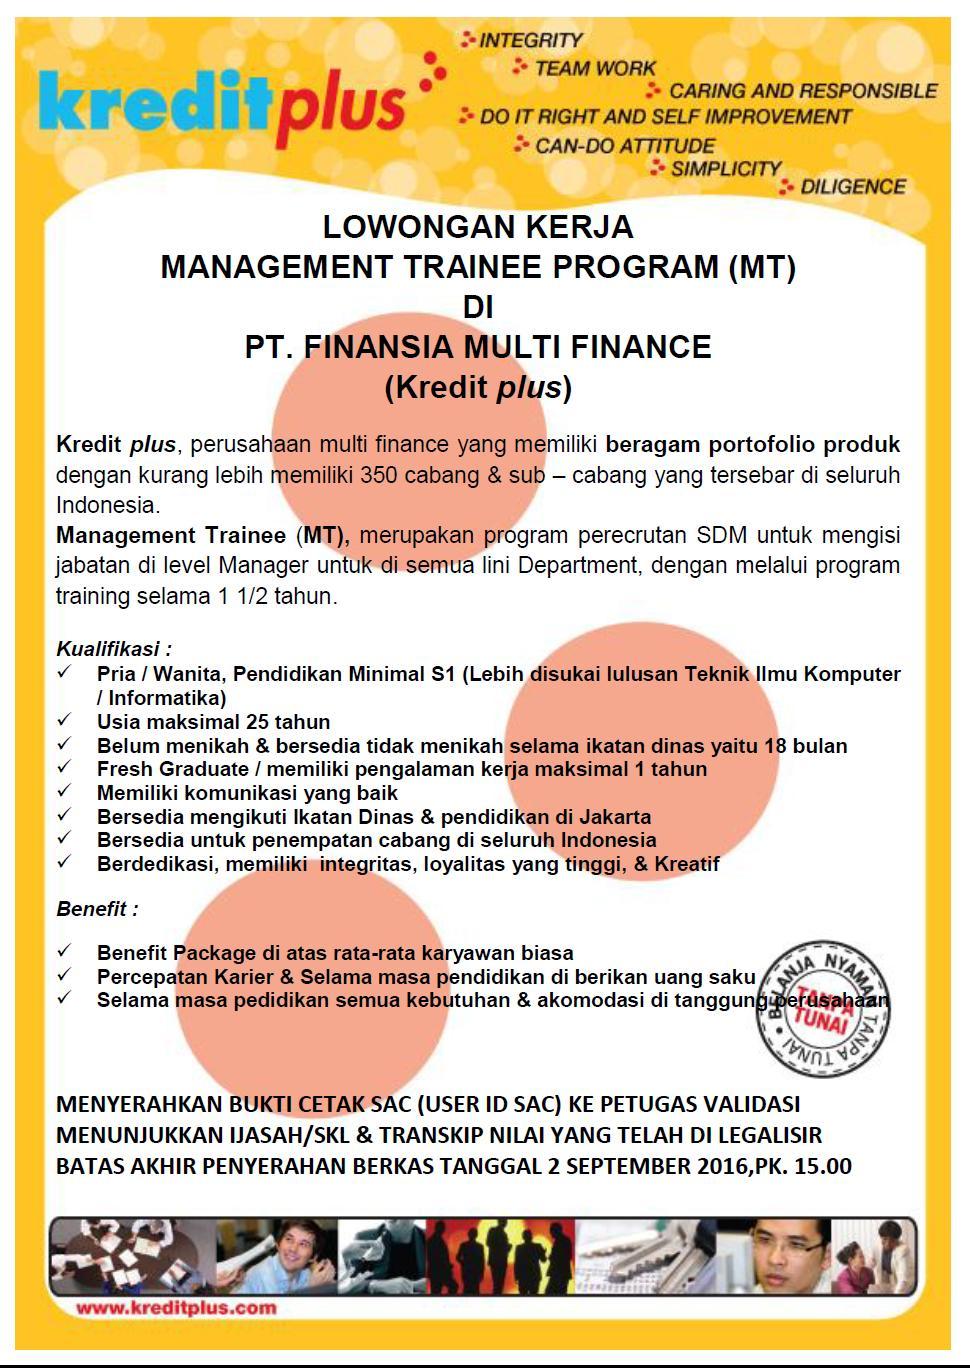 Lowongan Kerja Management Trainee Kredit Plus